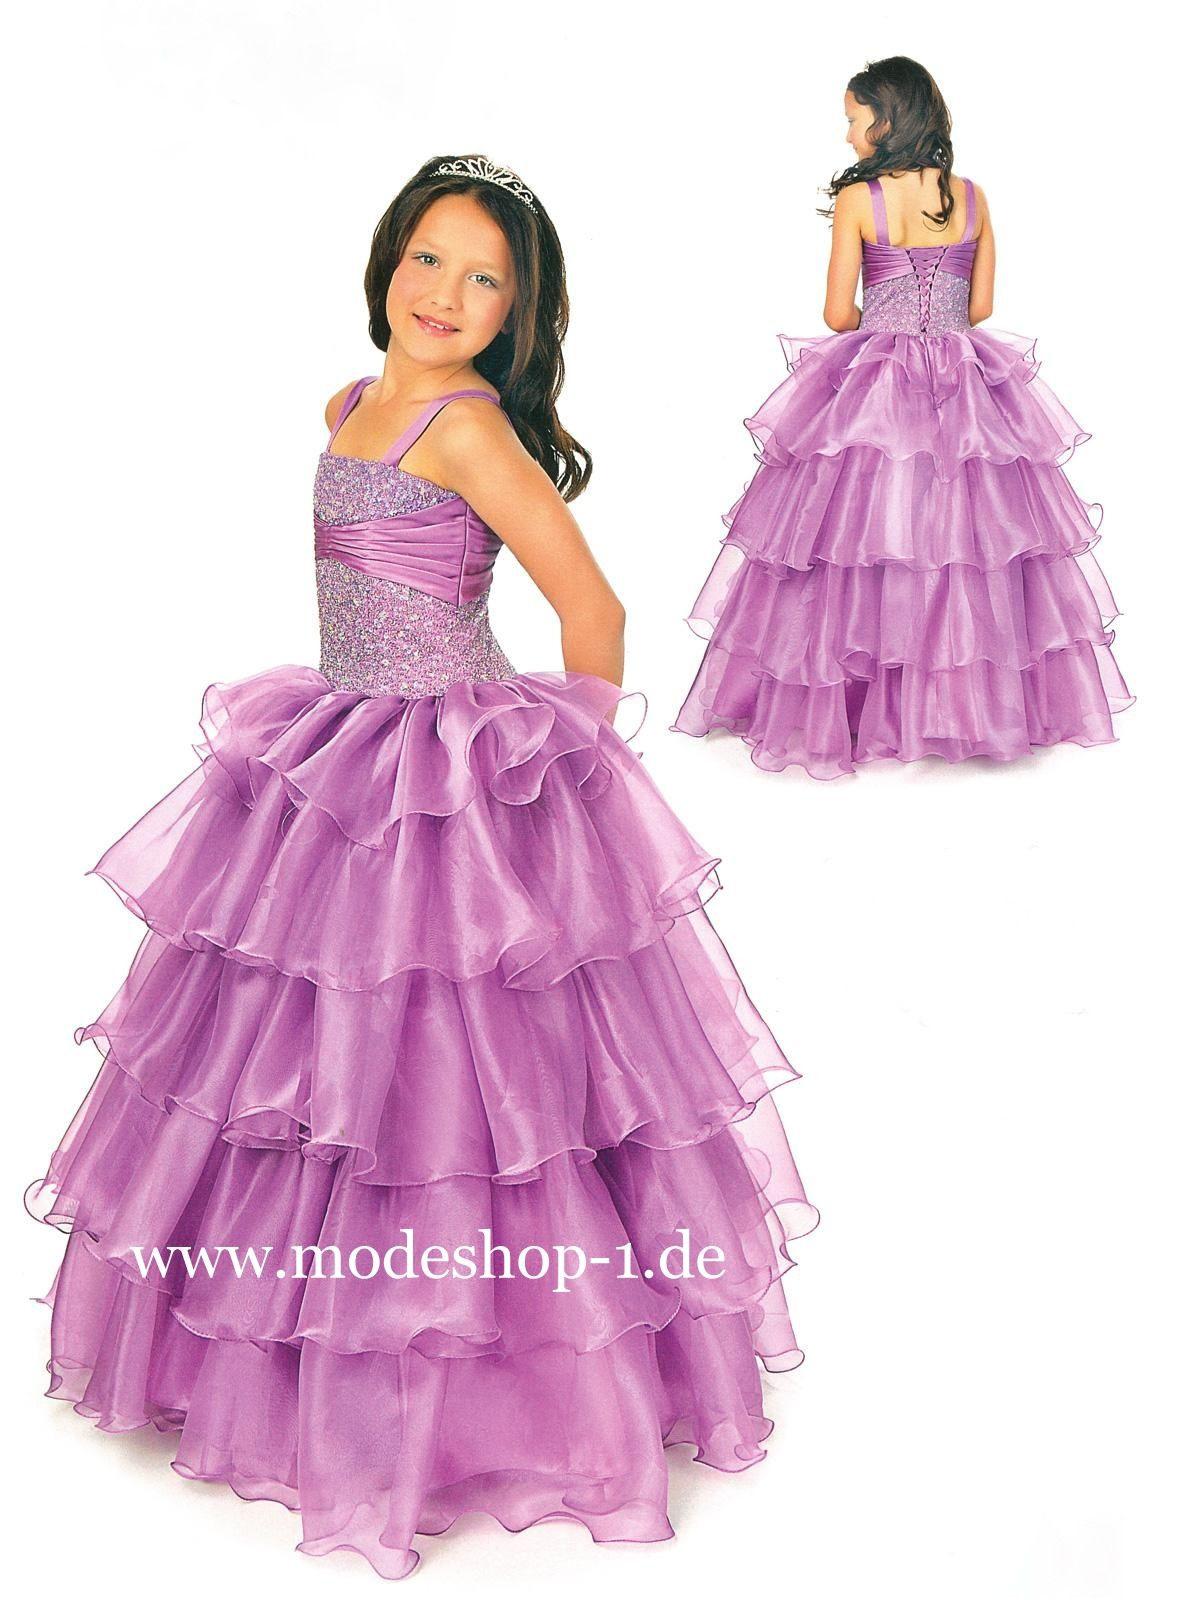 Kinder Mode Mädchenkleid Annemona Lila Flieder Violett Www